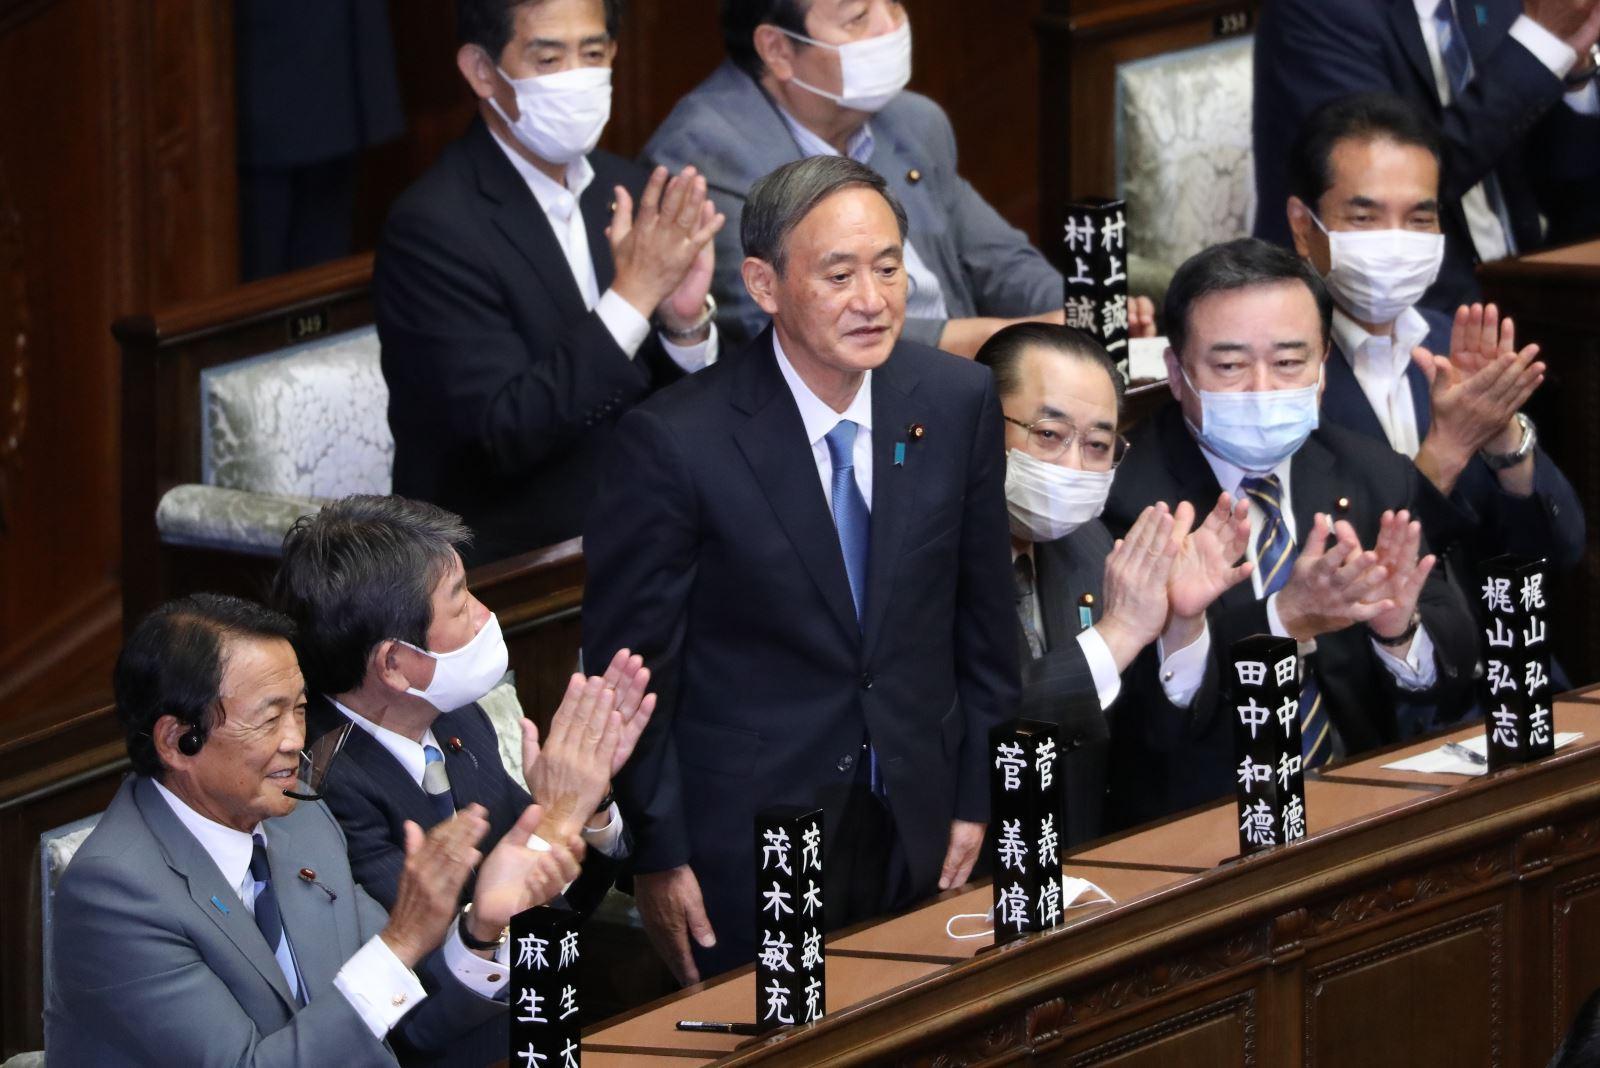 Những thách thức đang chờ Tân Thủ tướng Nhật Bản